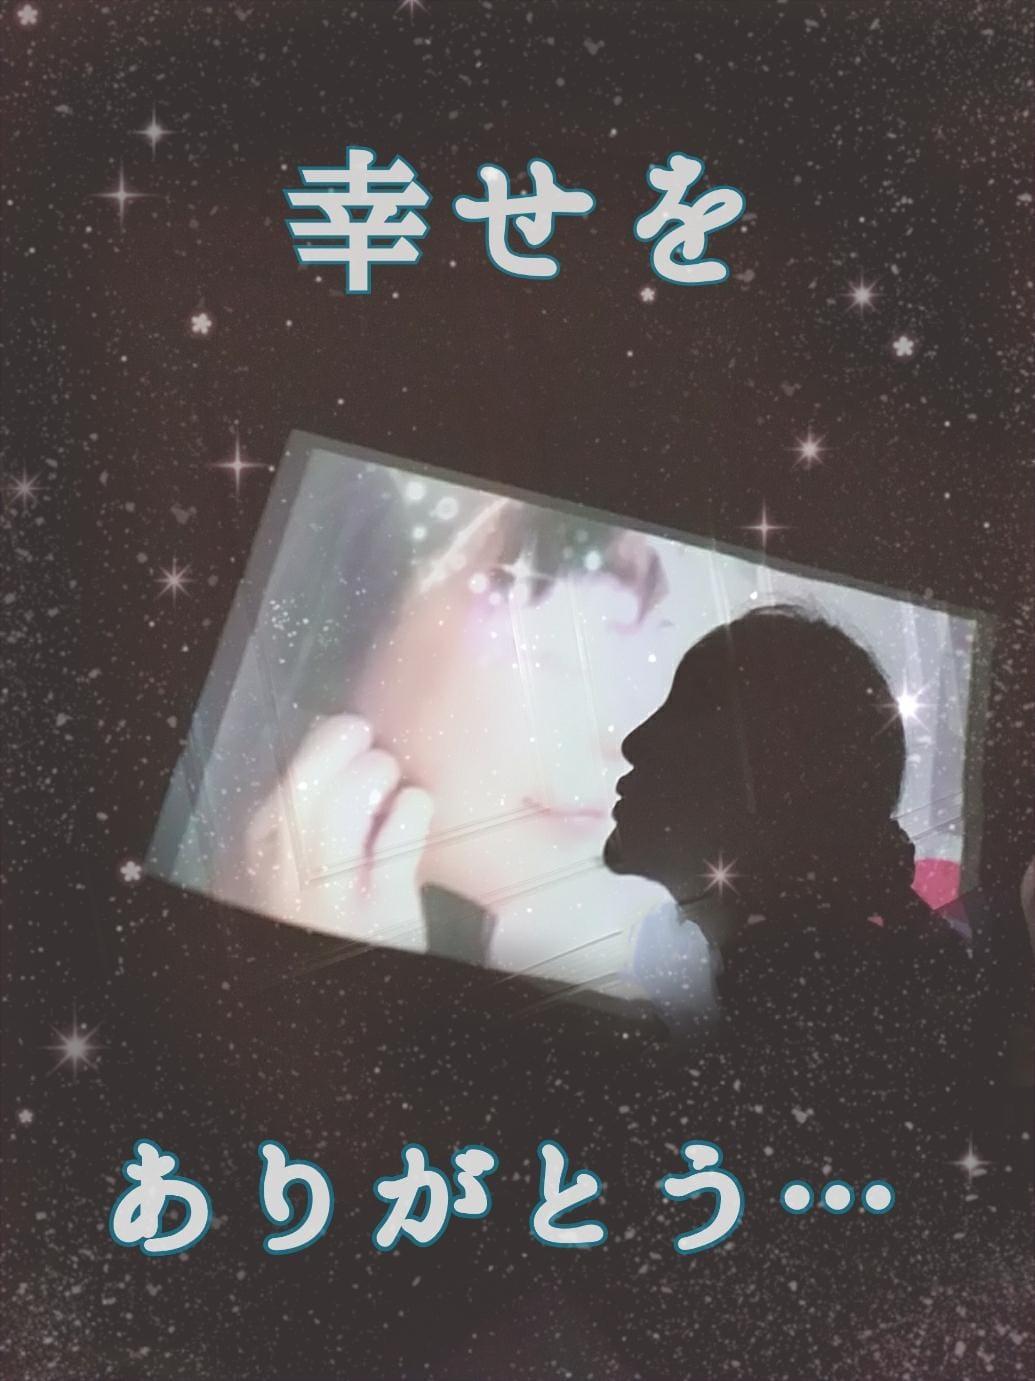 「日本おめでとゔ(pq´∀`)┌iiiiii┐(´∀`pq)゚゚ななせ」06/19(火) 22:59 | 七瀬の写メ・風俗動画